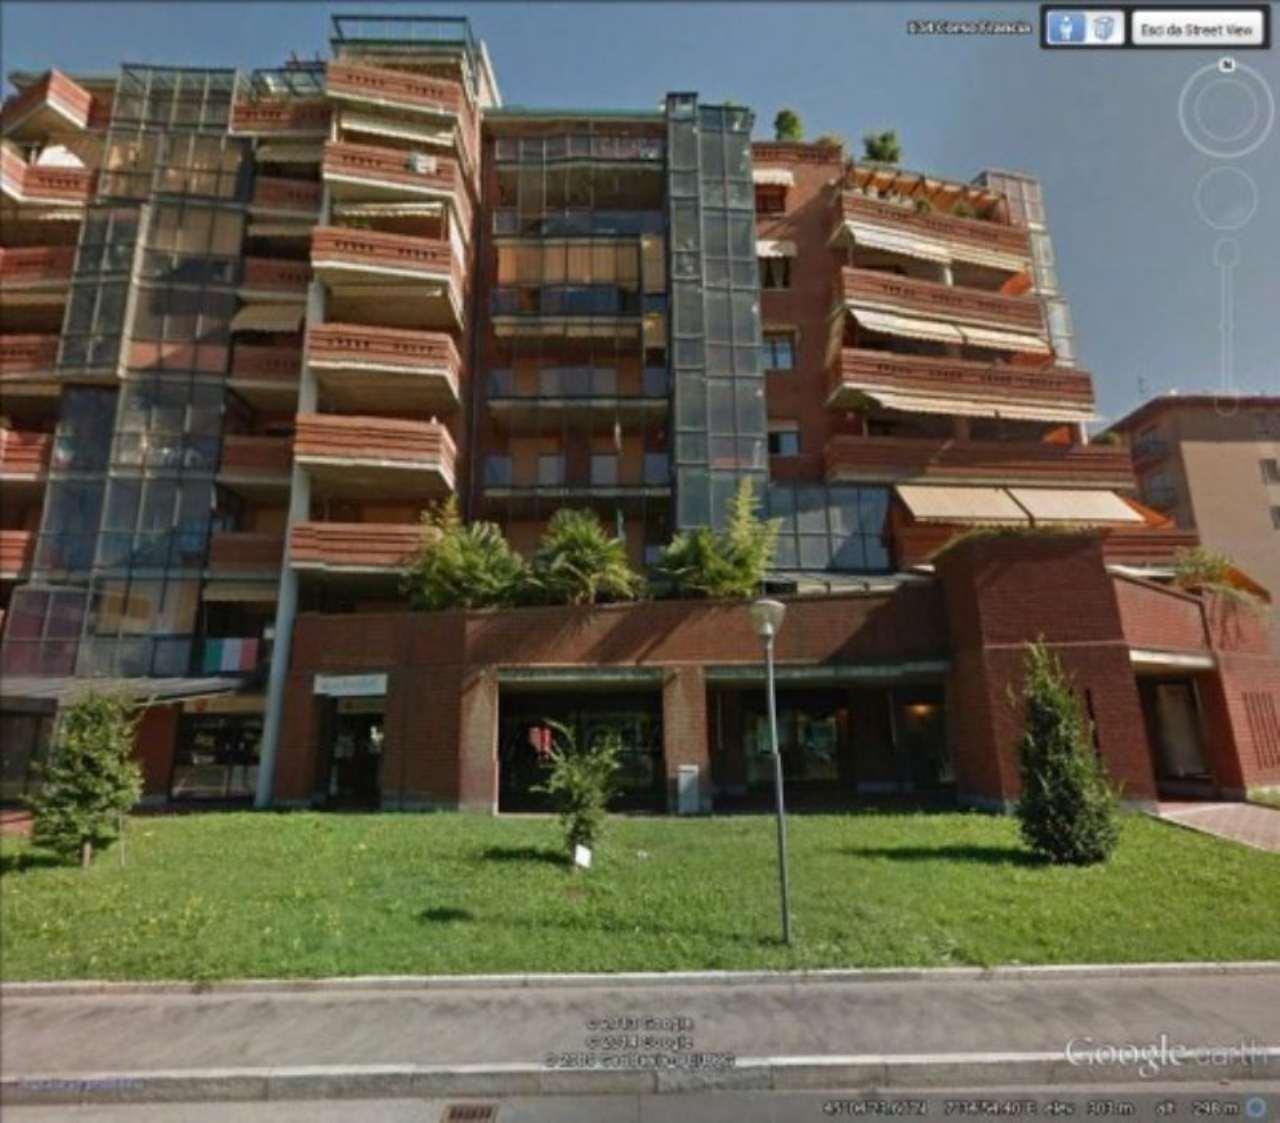 Negozio / Locale in vendita a Collegno, 9999 locali, zona Località: ReginaMargherita, prezzo € 190.000 | CambioCasa.it